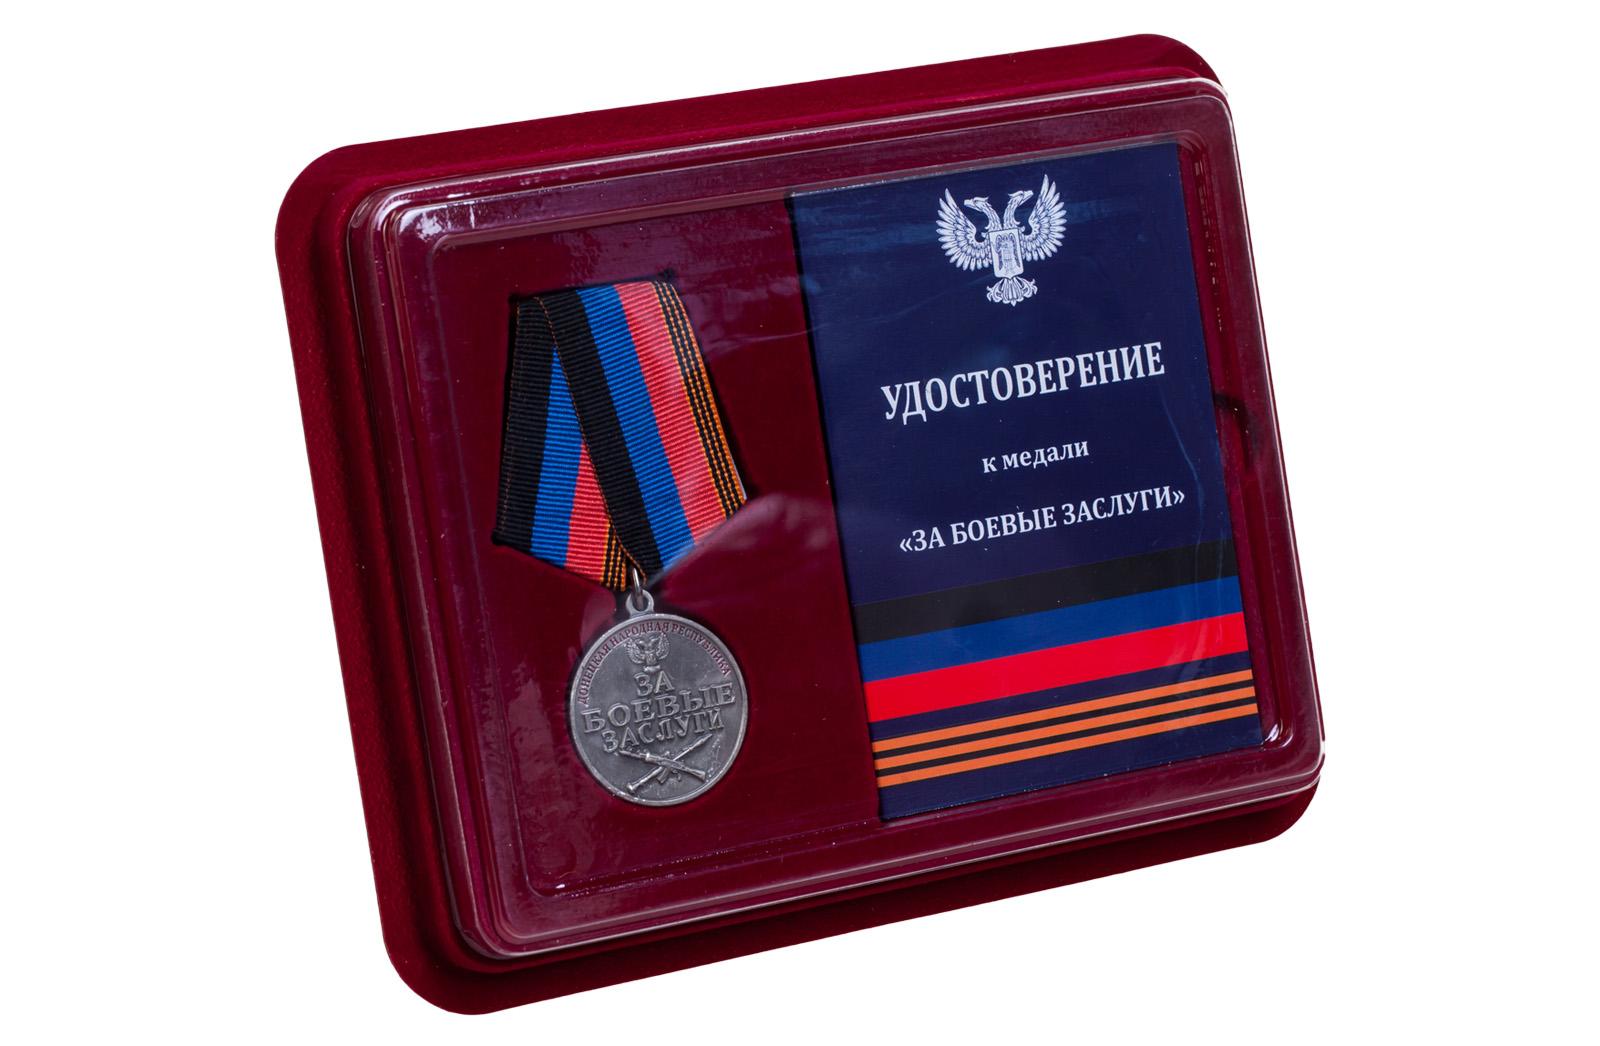 Купить медаль ДНР За боевые заслуги в футляре с удостоверением онлайн